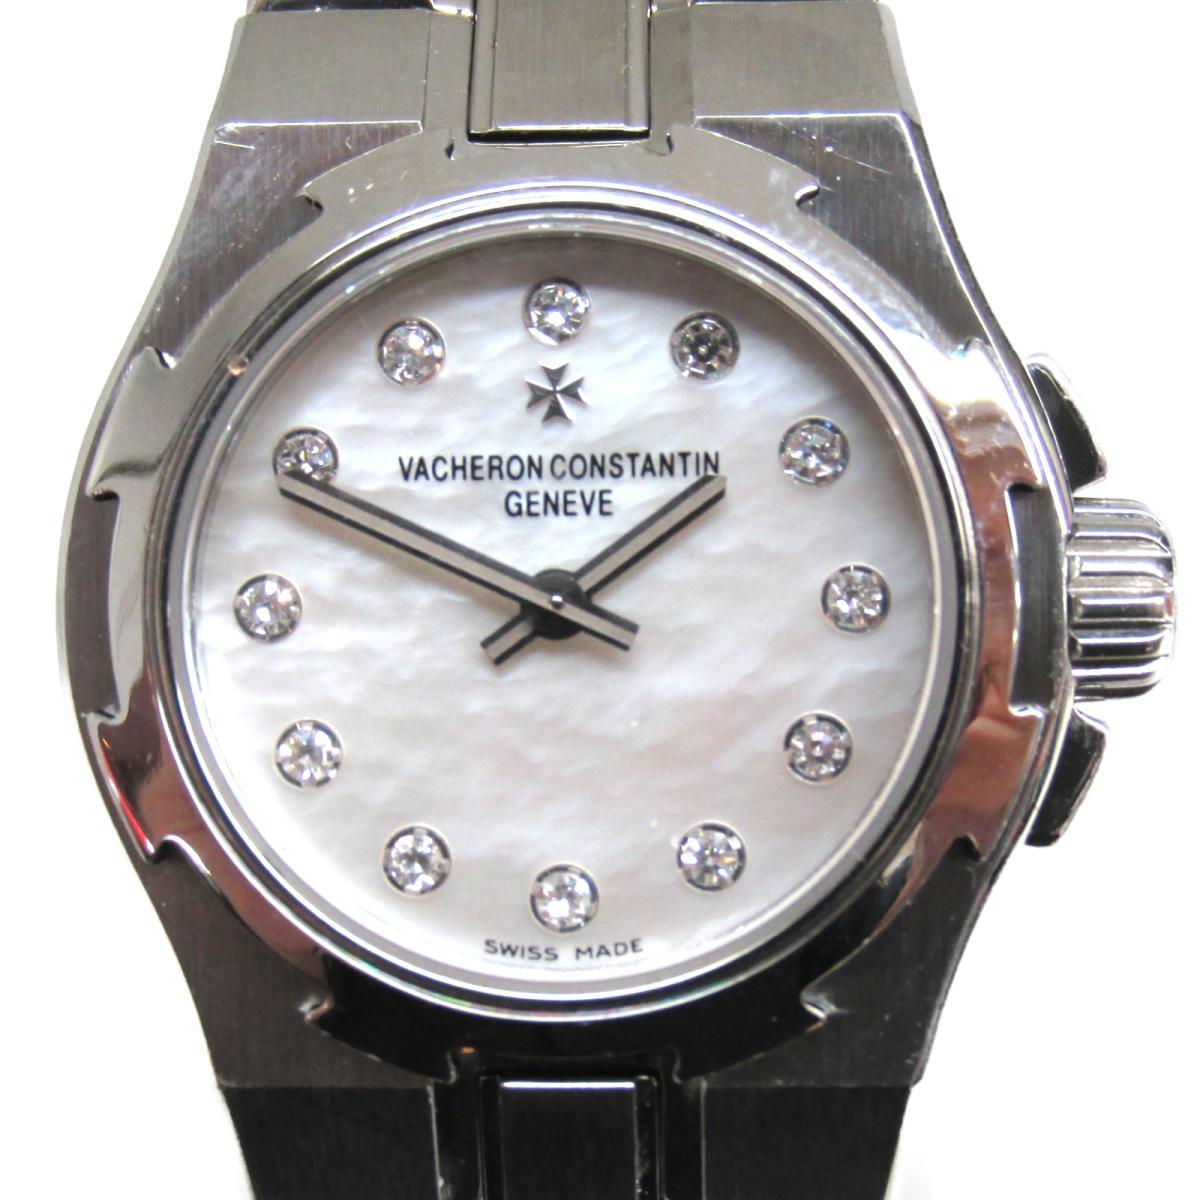 ≪期間限定≫メルマガ登録でクーポンGET! 【中古】 ヴァシュロン・コンスタンタン オーバーシーズ 腕時計 レディース ステンレススチール (SS) ダイヤモンド (16050) | VACHERON CONSTANTIN BRANDOFF ブランドオフ ブランド ブランド時計 ブランド腕時計 時計